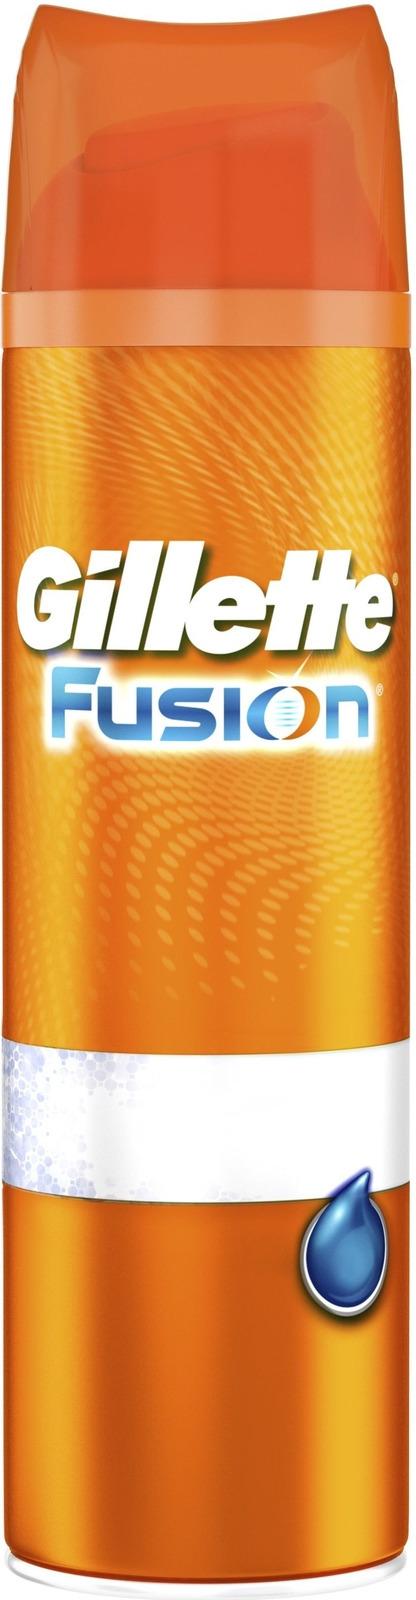 Мужской гель для бритья Gillette Fusion Ультразащита, 200 мл гель для бритья gillette series гипоаллергенный 200 мл